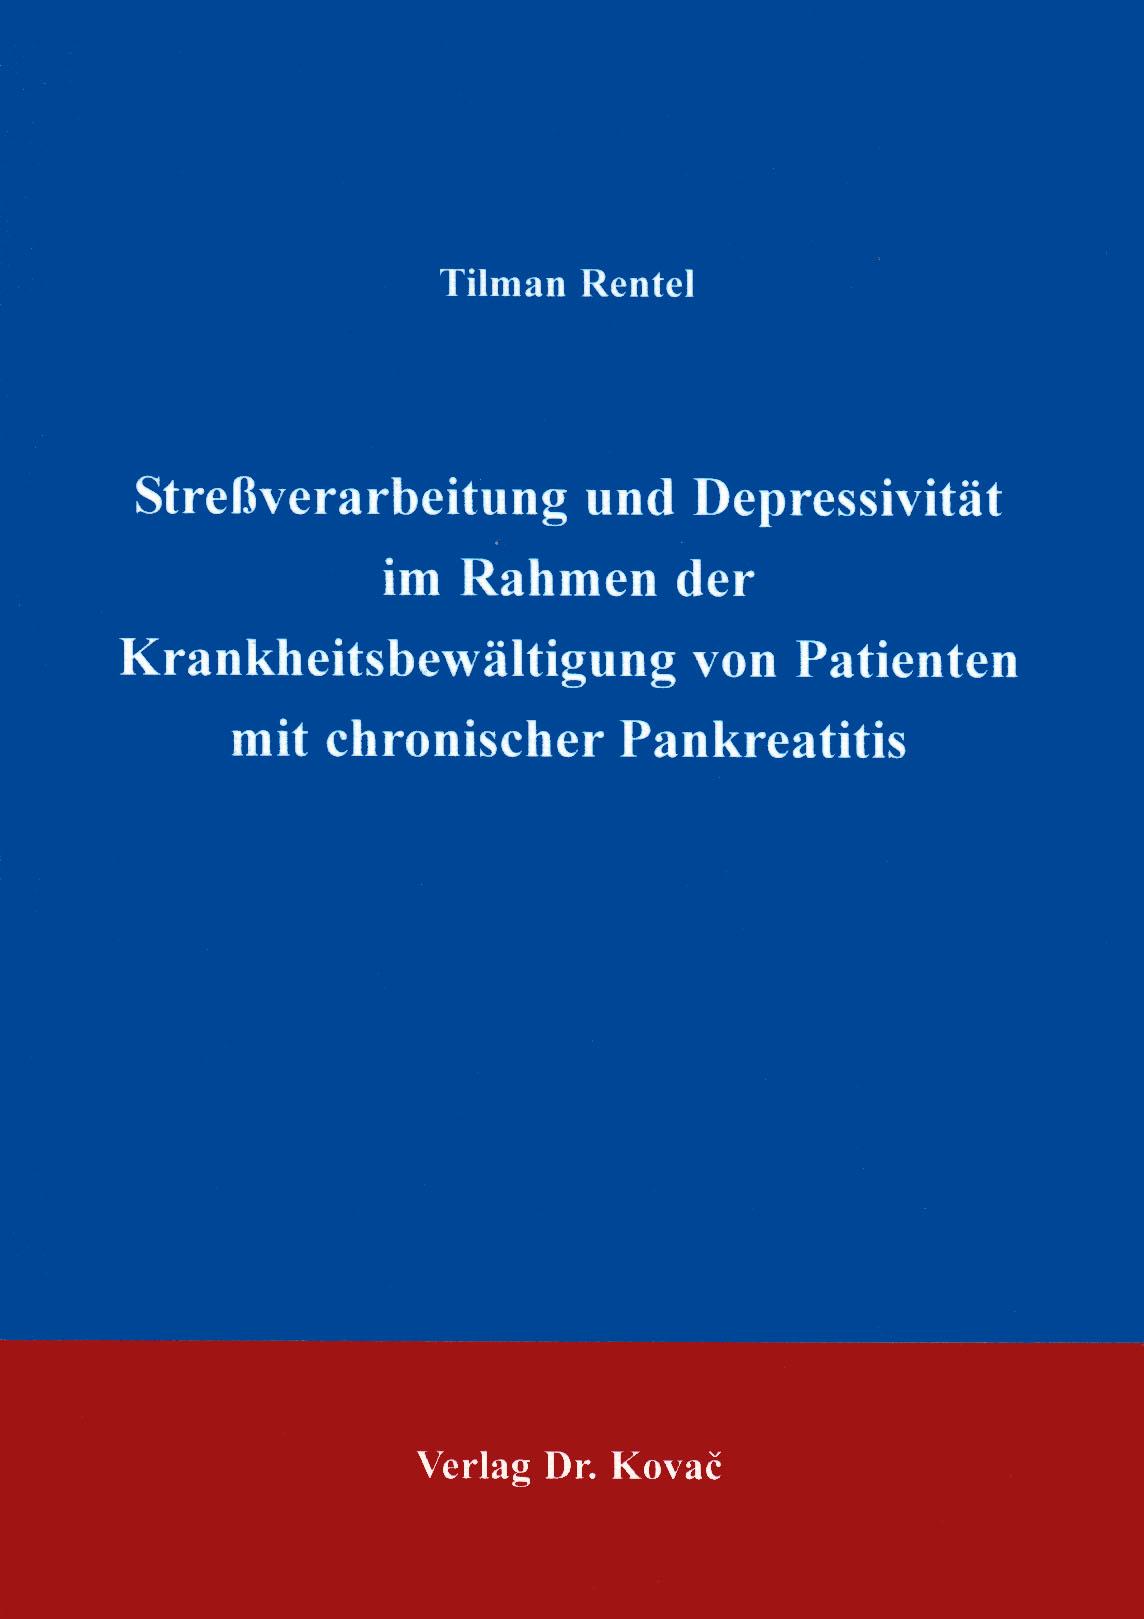 Cover: Streßverarbeitung und Depressivität  im Rahmen der Krankheitsbewältigung von Patienten mit chronischer Pankreatitis